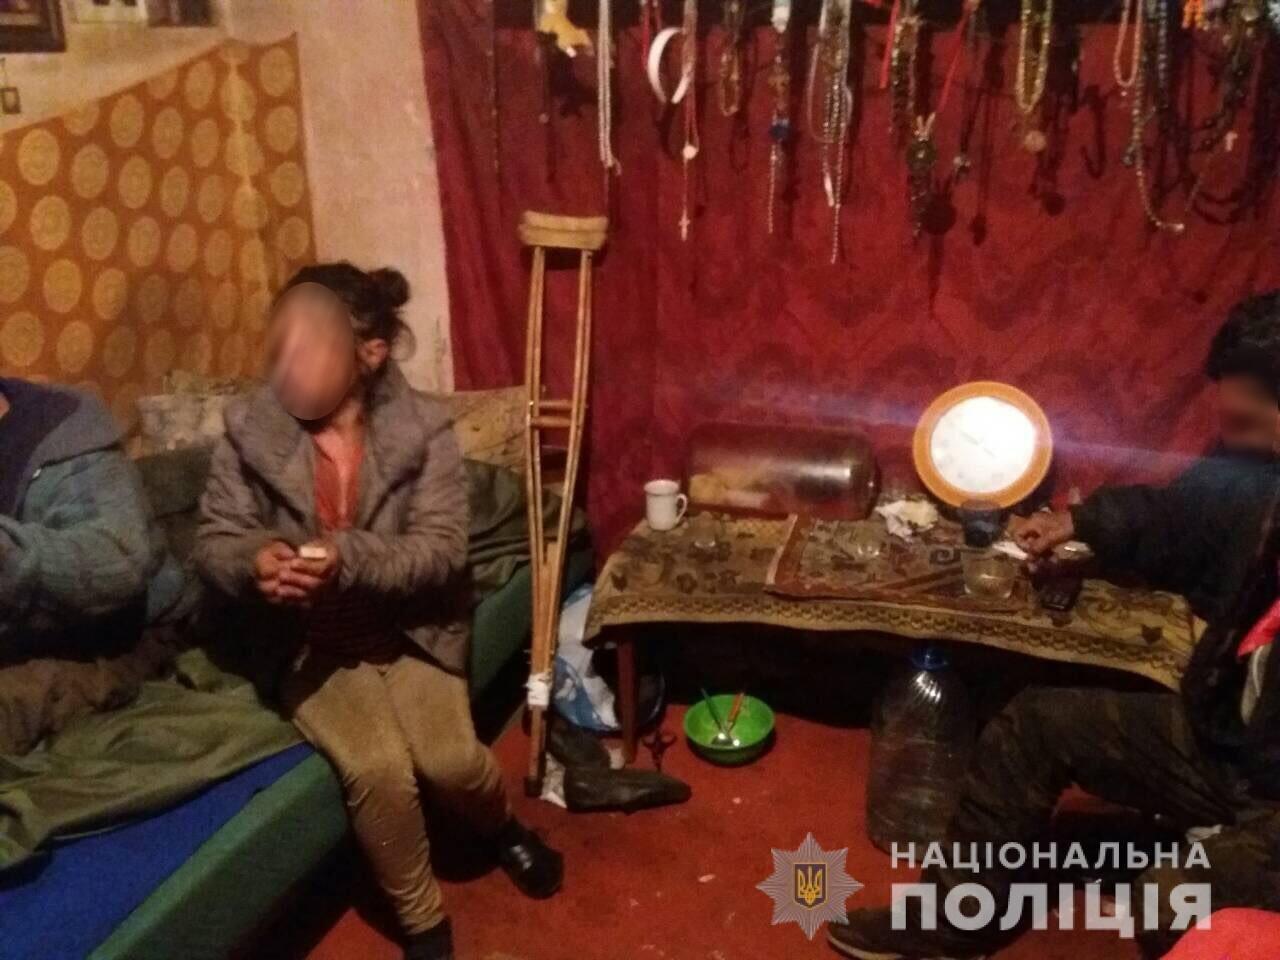 Закарпатець потрапив до лікарні після нападу трьох злочинців, серед яких двоє жінок (ФОТО), фото-2